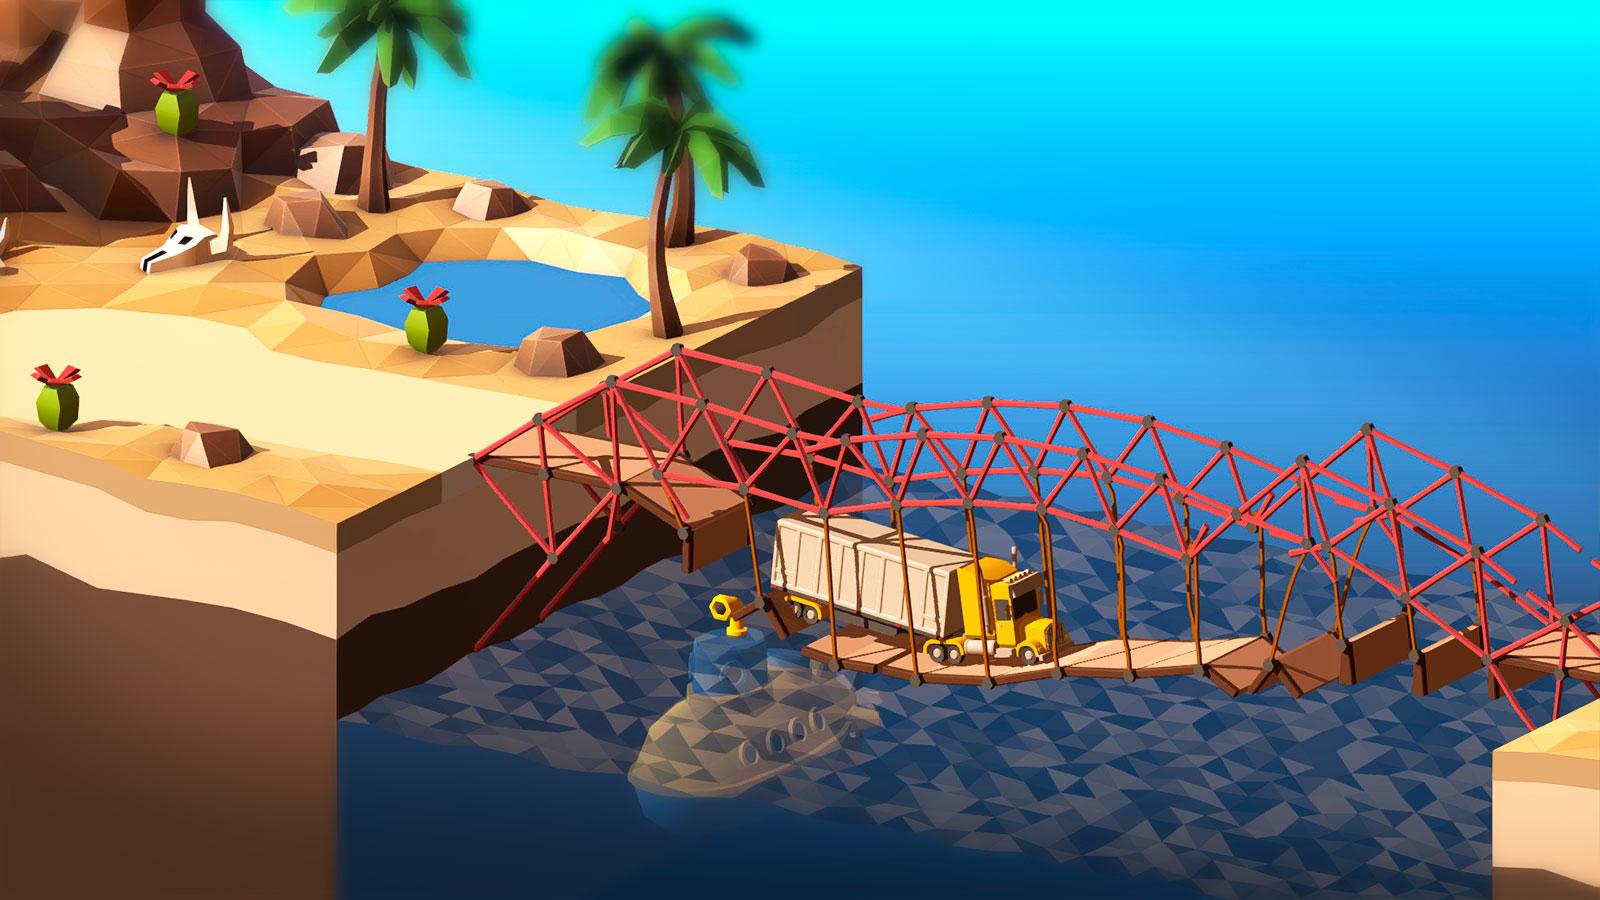 Poly Bridge 2 скриншоты из игры